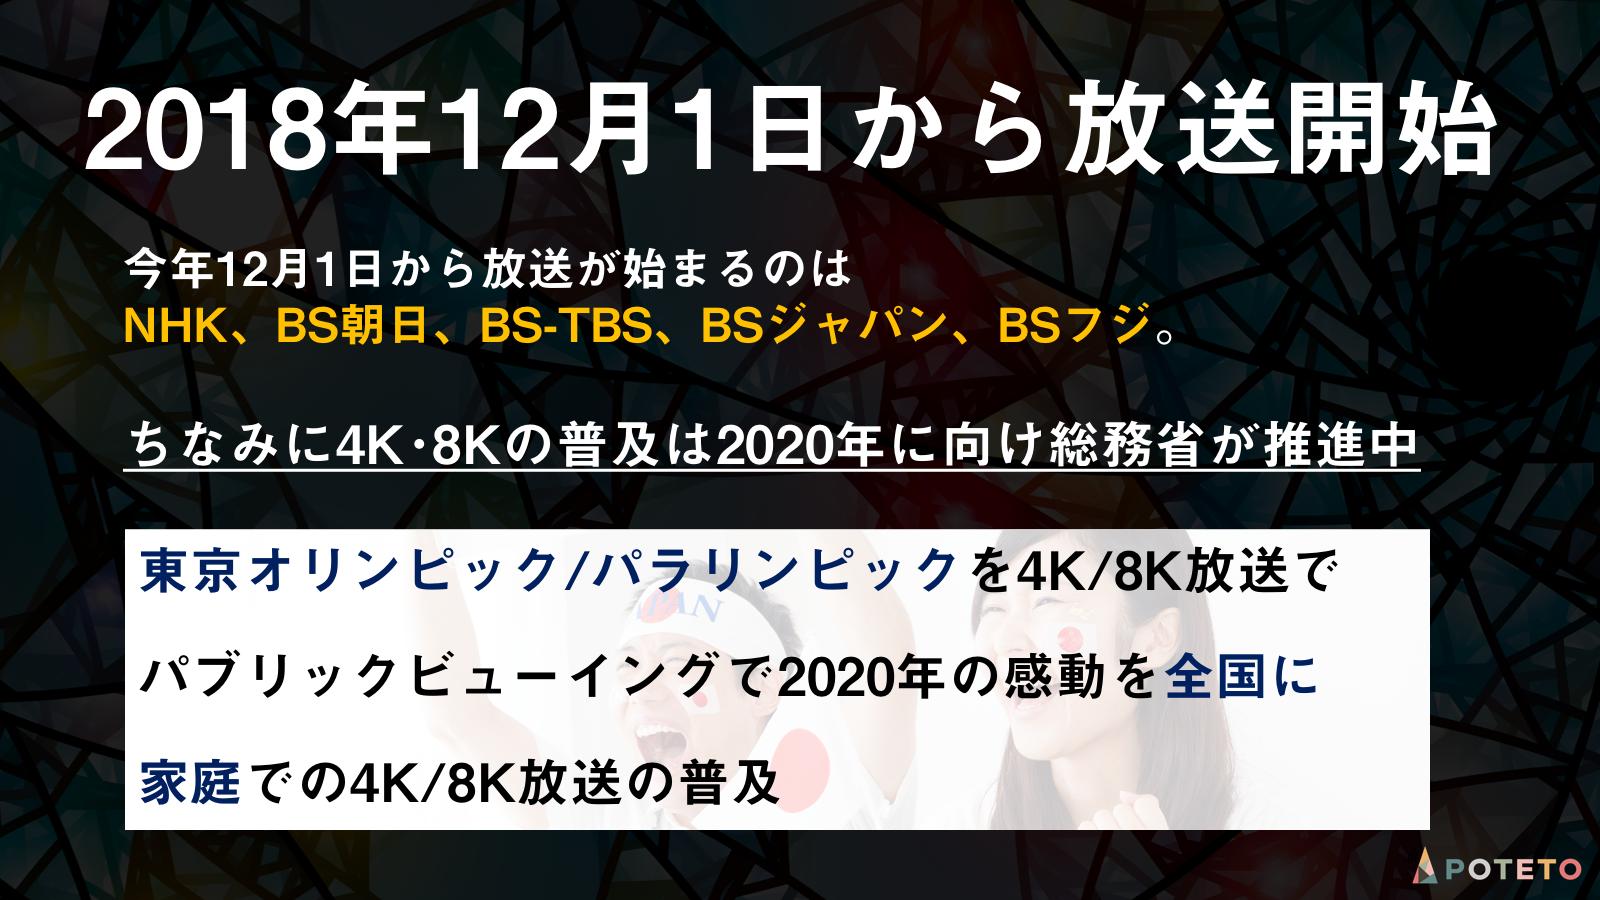 20180110 2 - 今年は4K/8Kが来る!